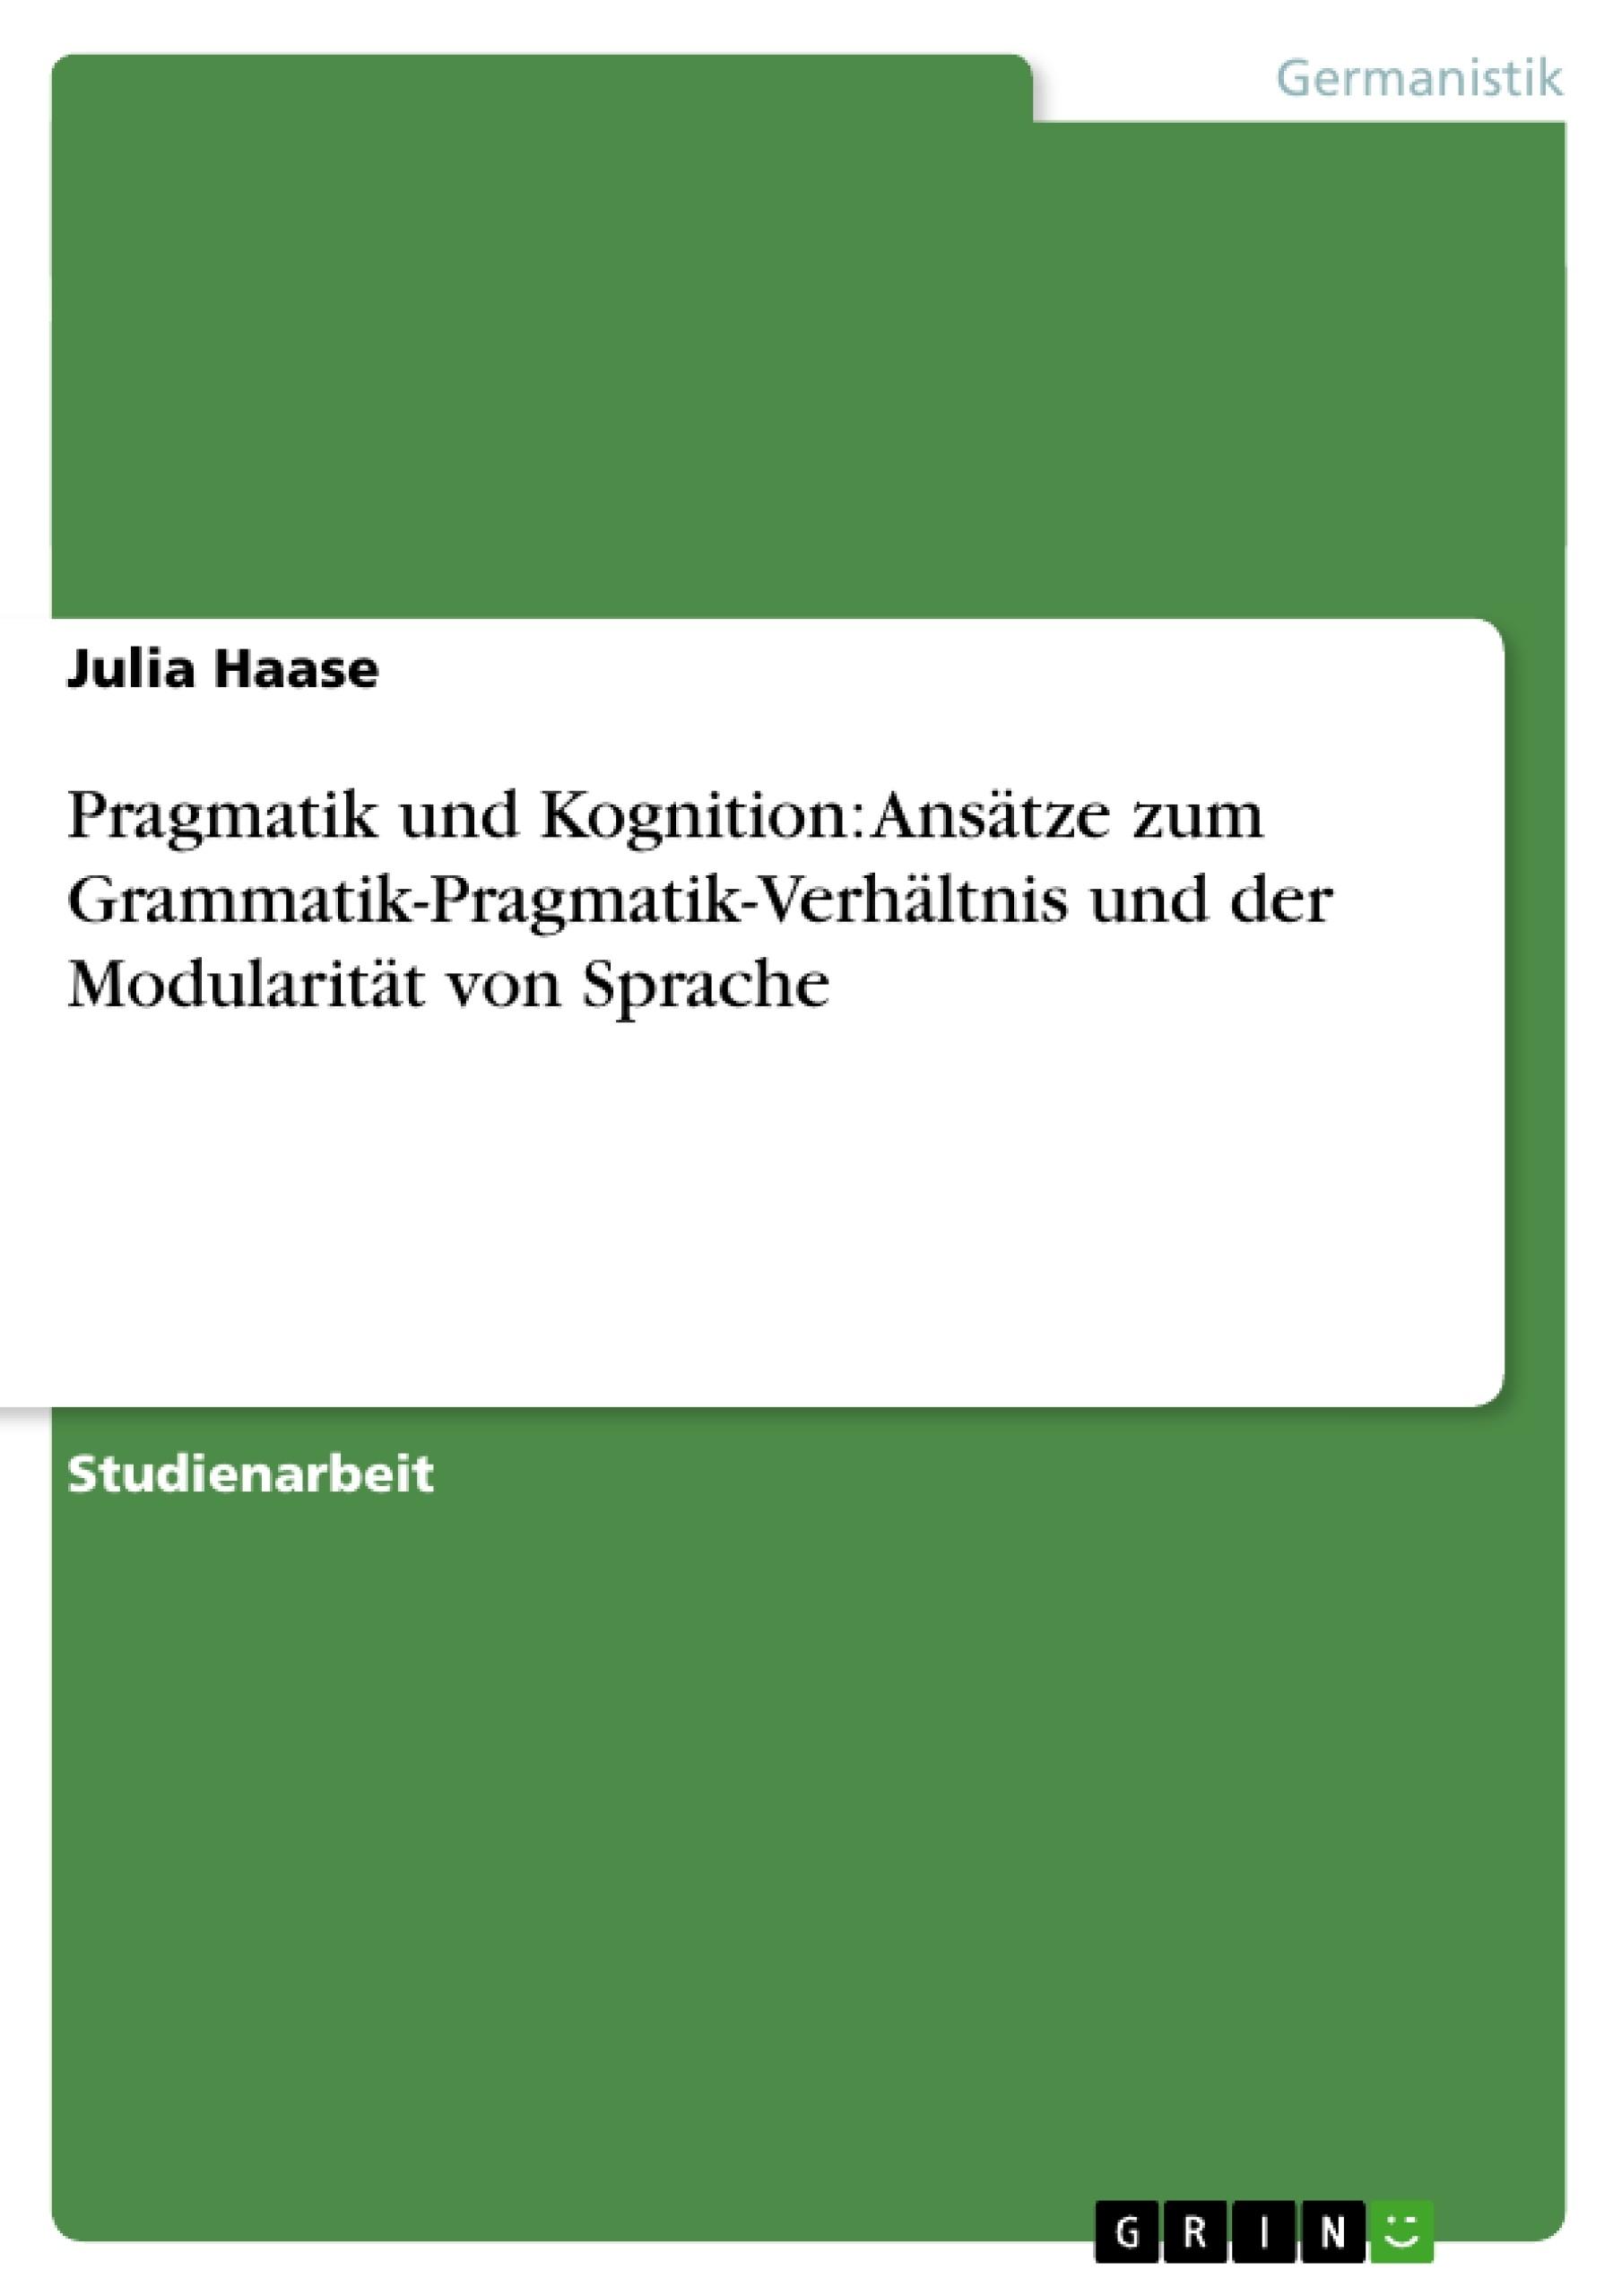 Titel: Pragmatik und Kognition: Ansätze zum Grammatik-Pragmatik-Verhältnis und der Modularität von Sprache